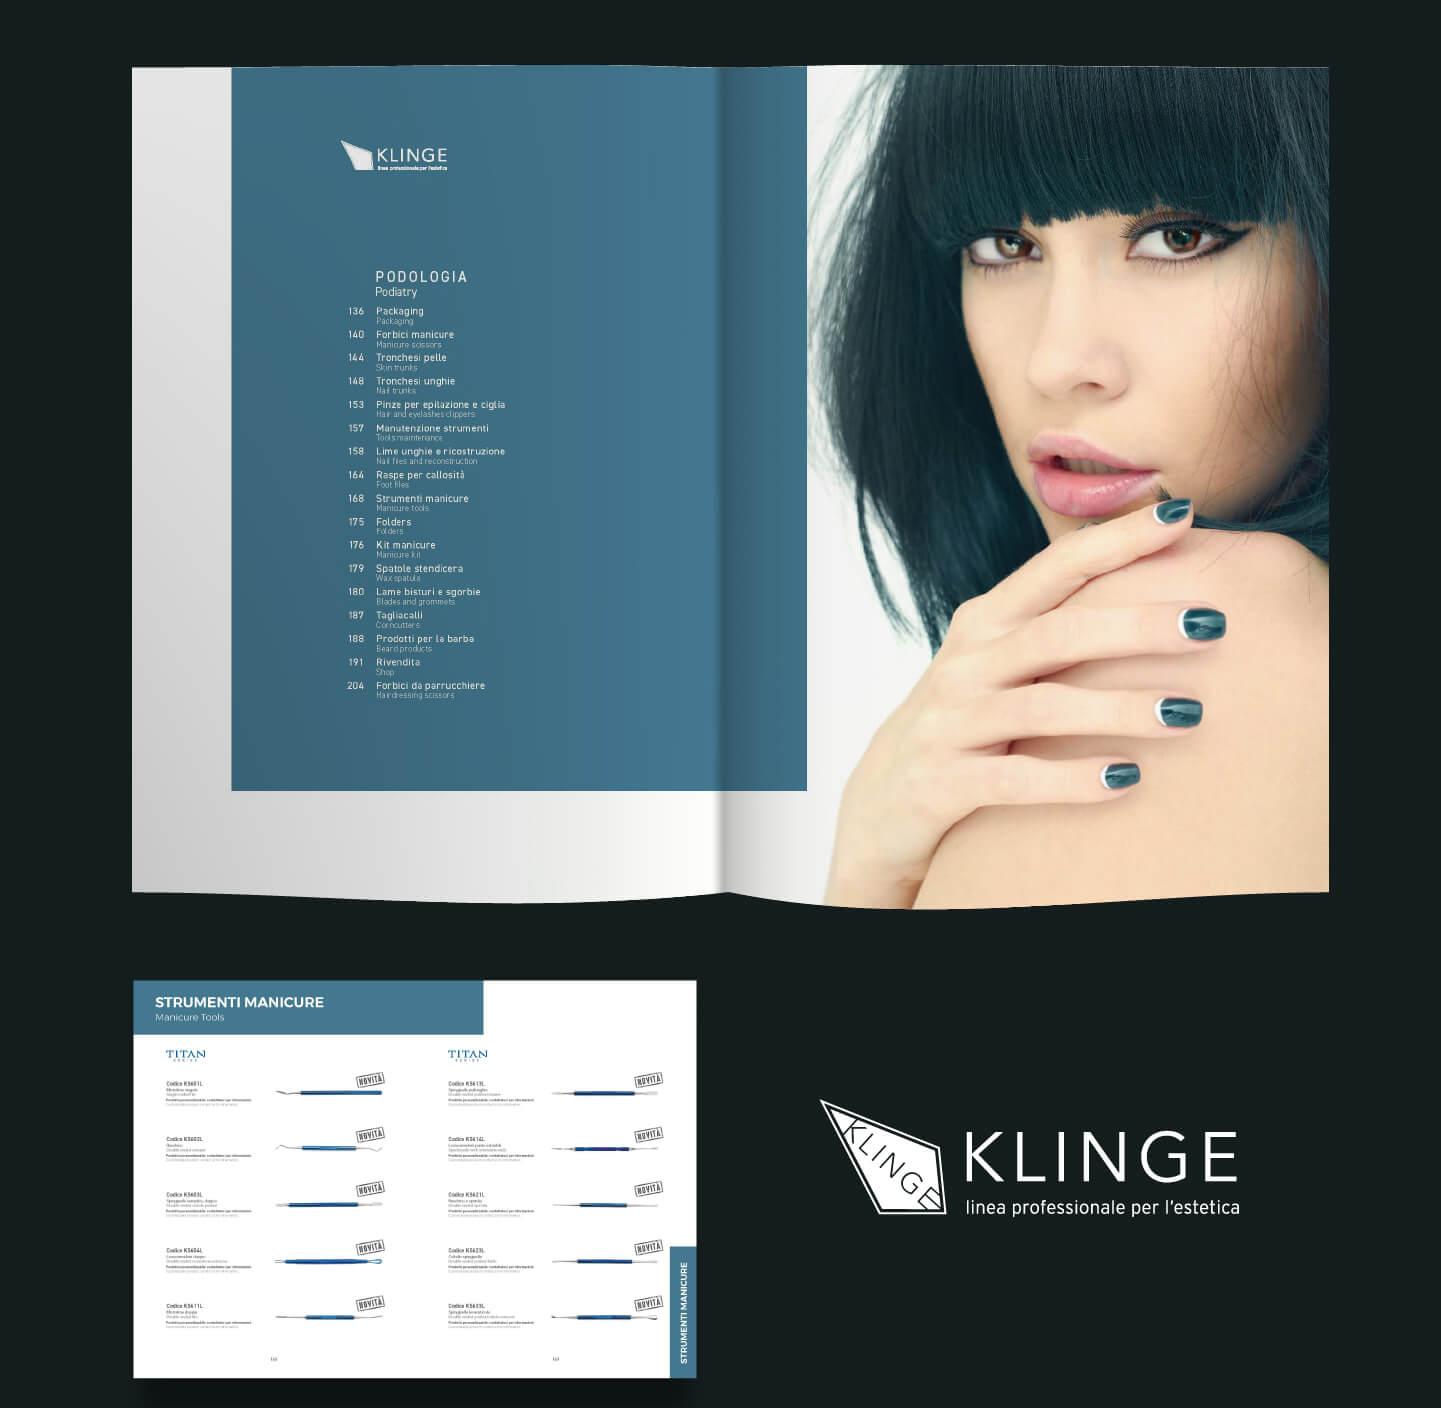 Catalogo Prodotti - Portfolio - Be Comunicazioni - Pubblicità e Marketing - GR Service - slide 08